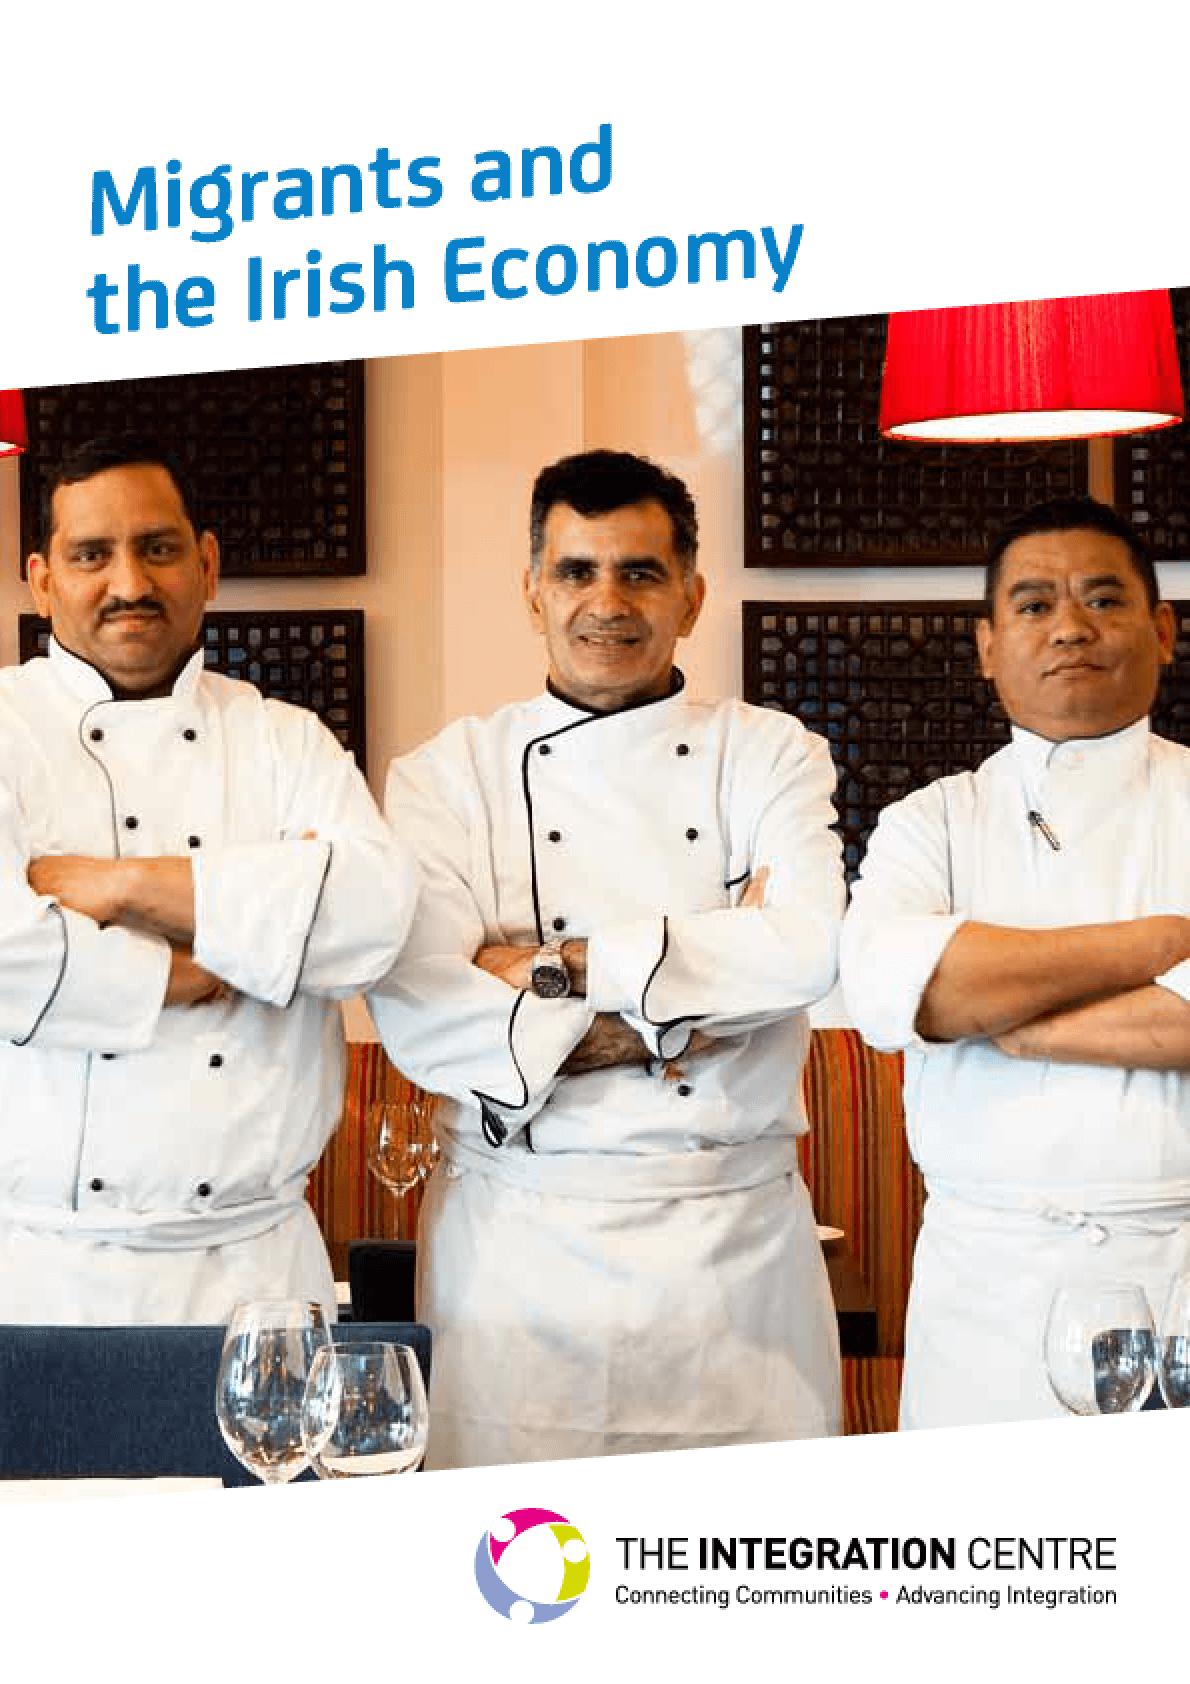 Migrants and the Irish Economy